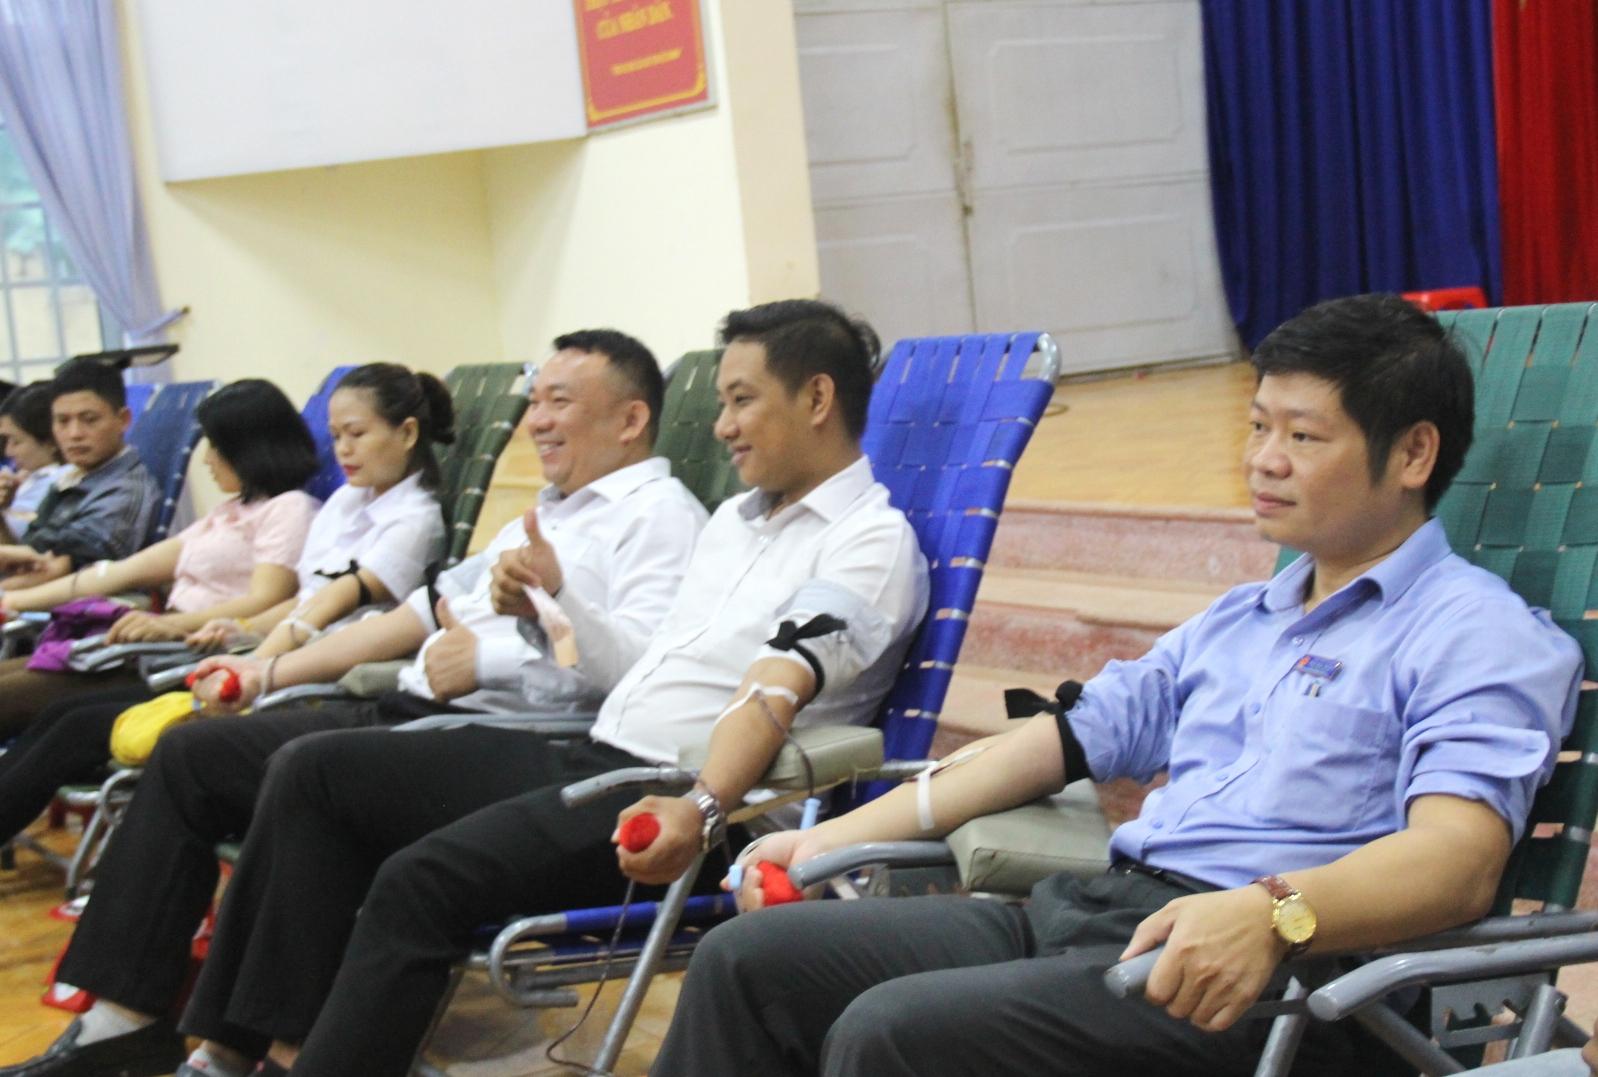 Tiếp nhận 247 đơn vị máu từ Ngày hội hiến máu tình nguyện đợt 4 năm 2019